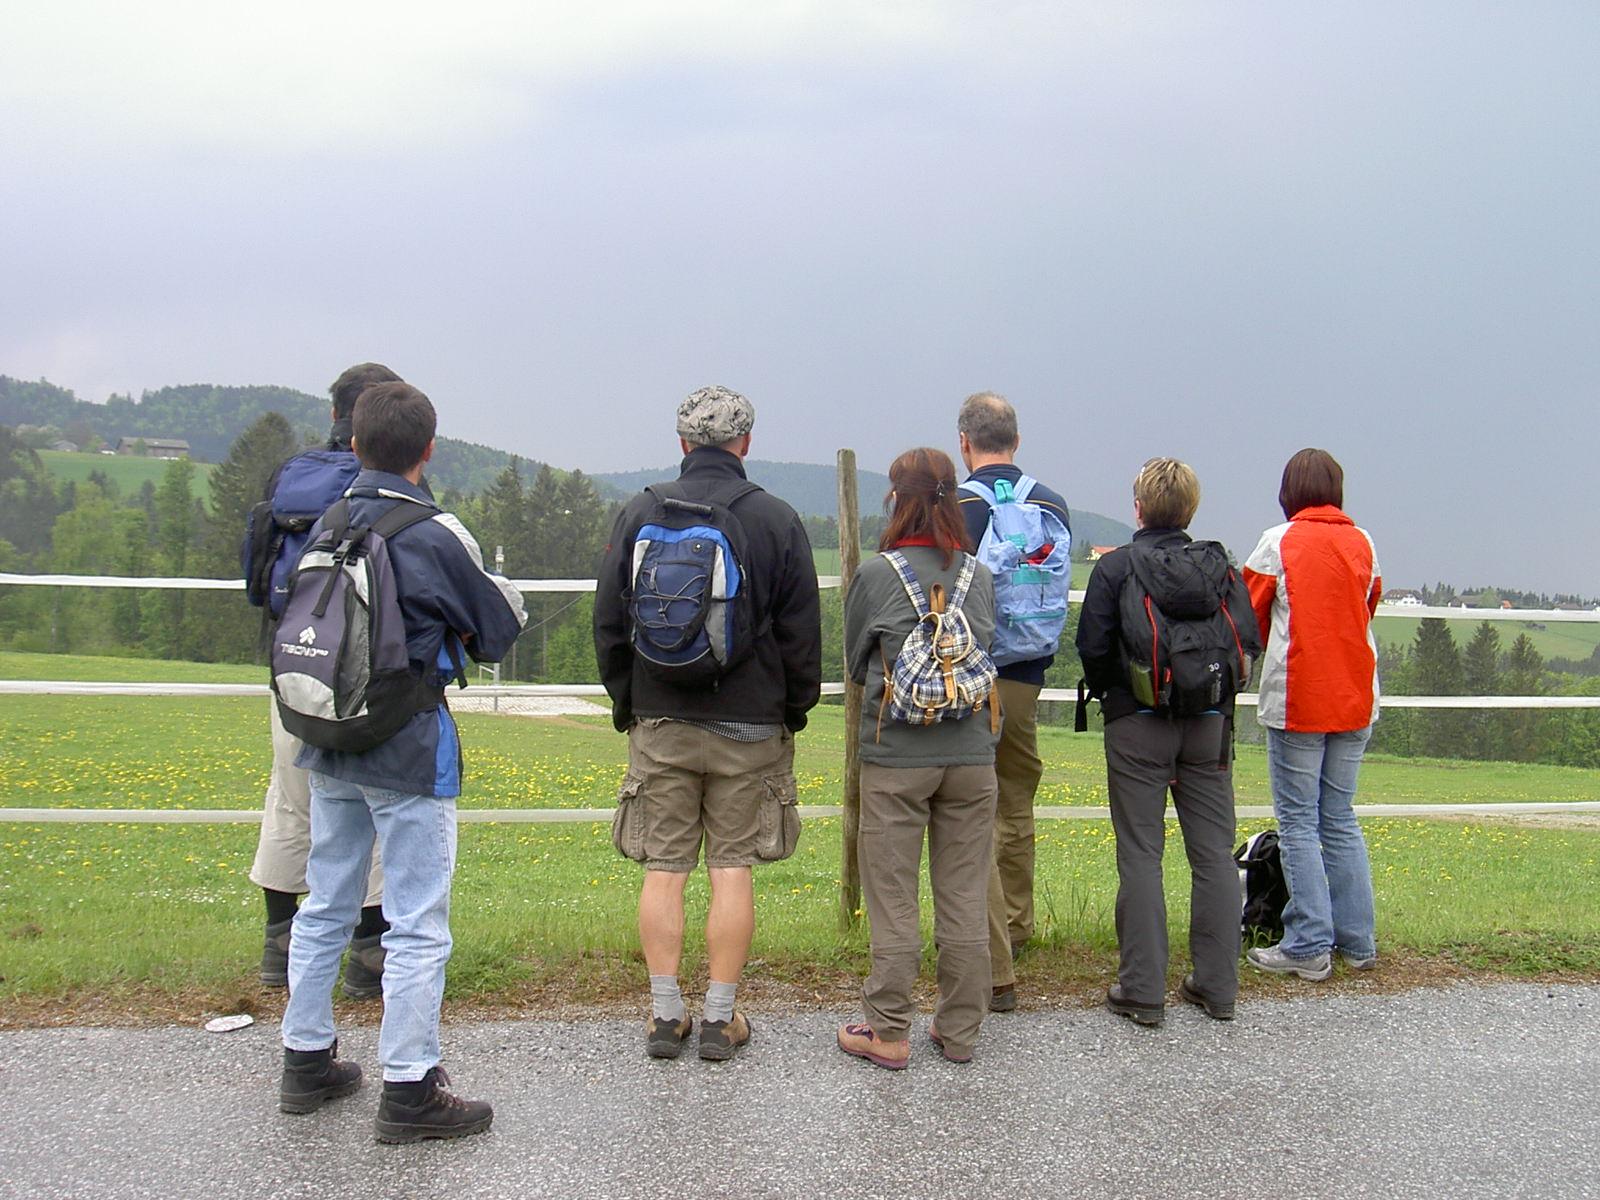 Singlewandern steiermark Steiermark Singles treffen und kennenlernen beim Singlewandern